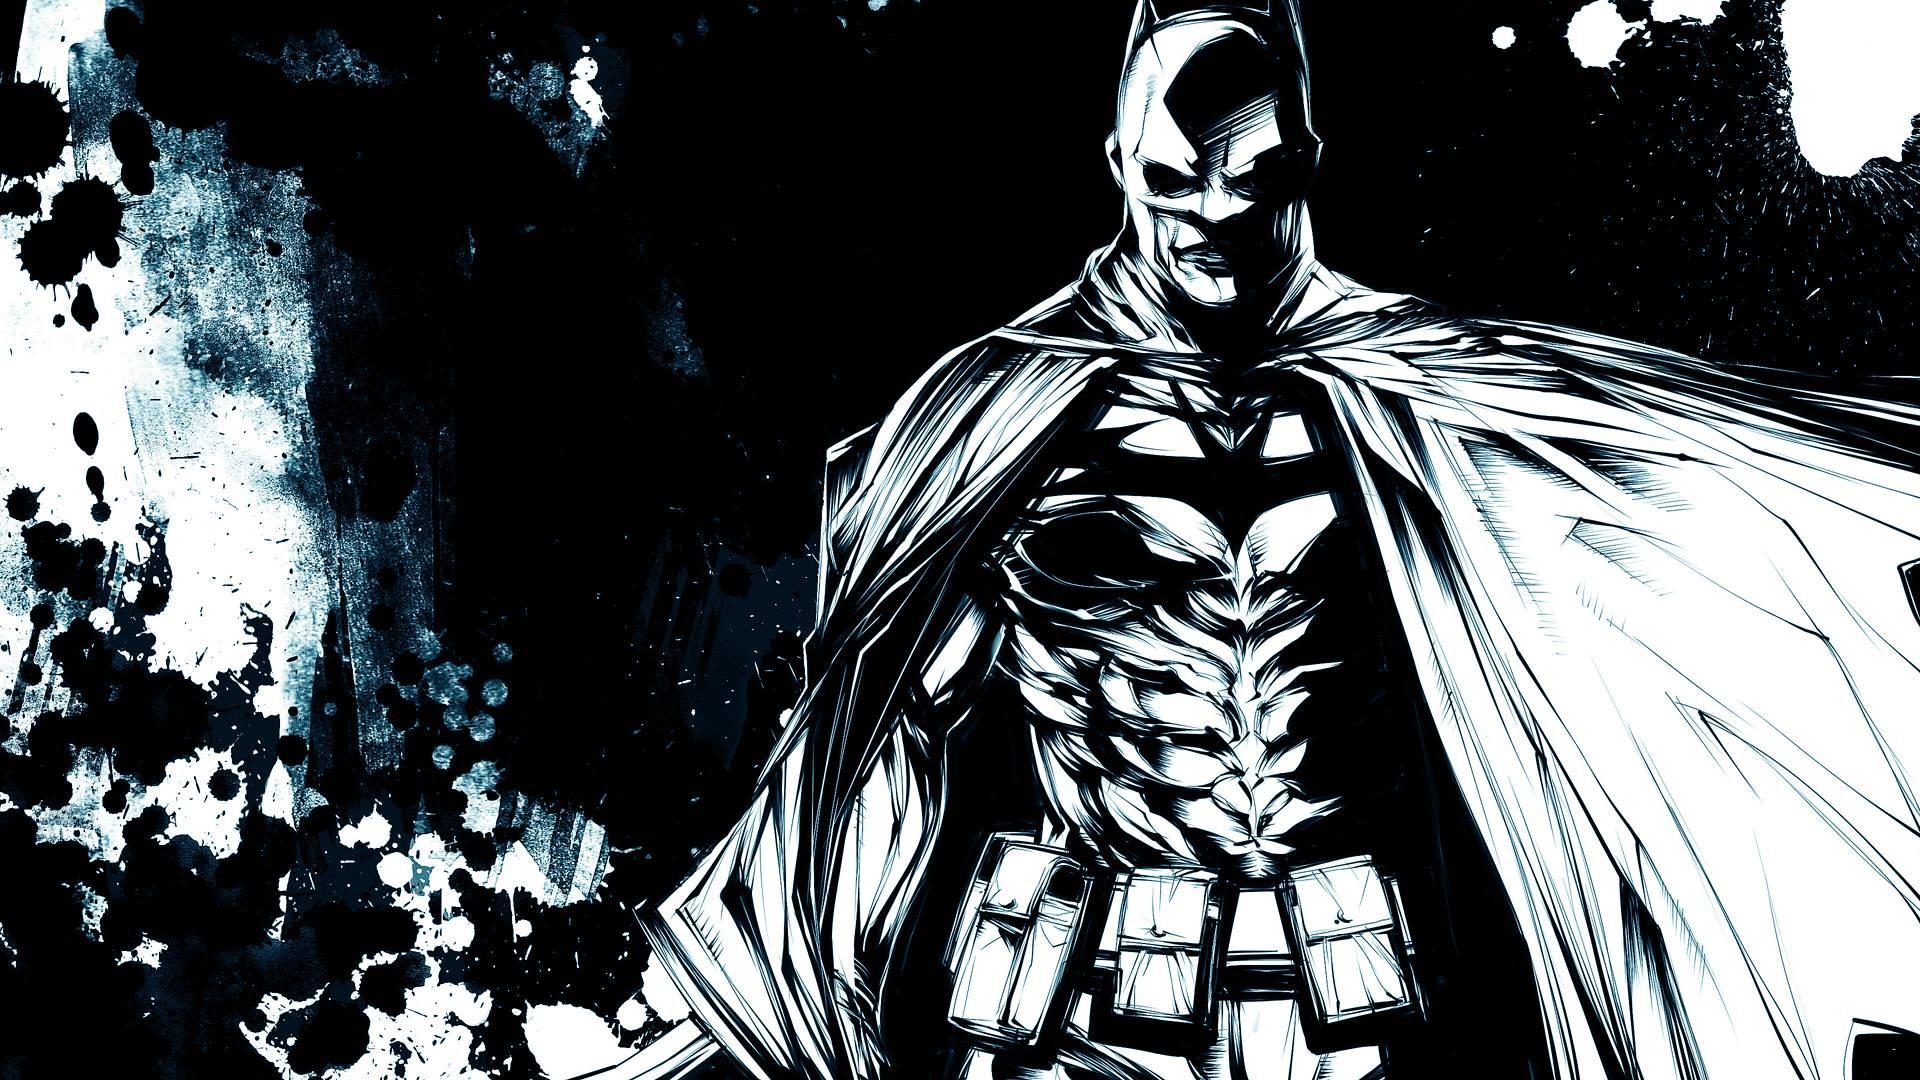 Download Dc Comics Characters Batman Hd Images 3 HD Wallpapers .